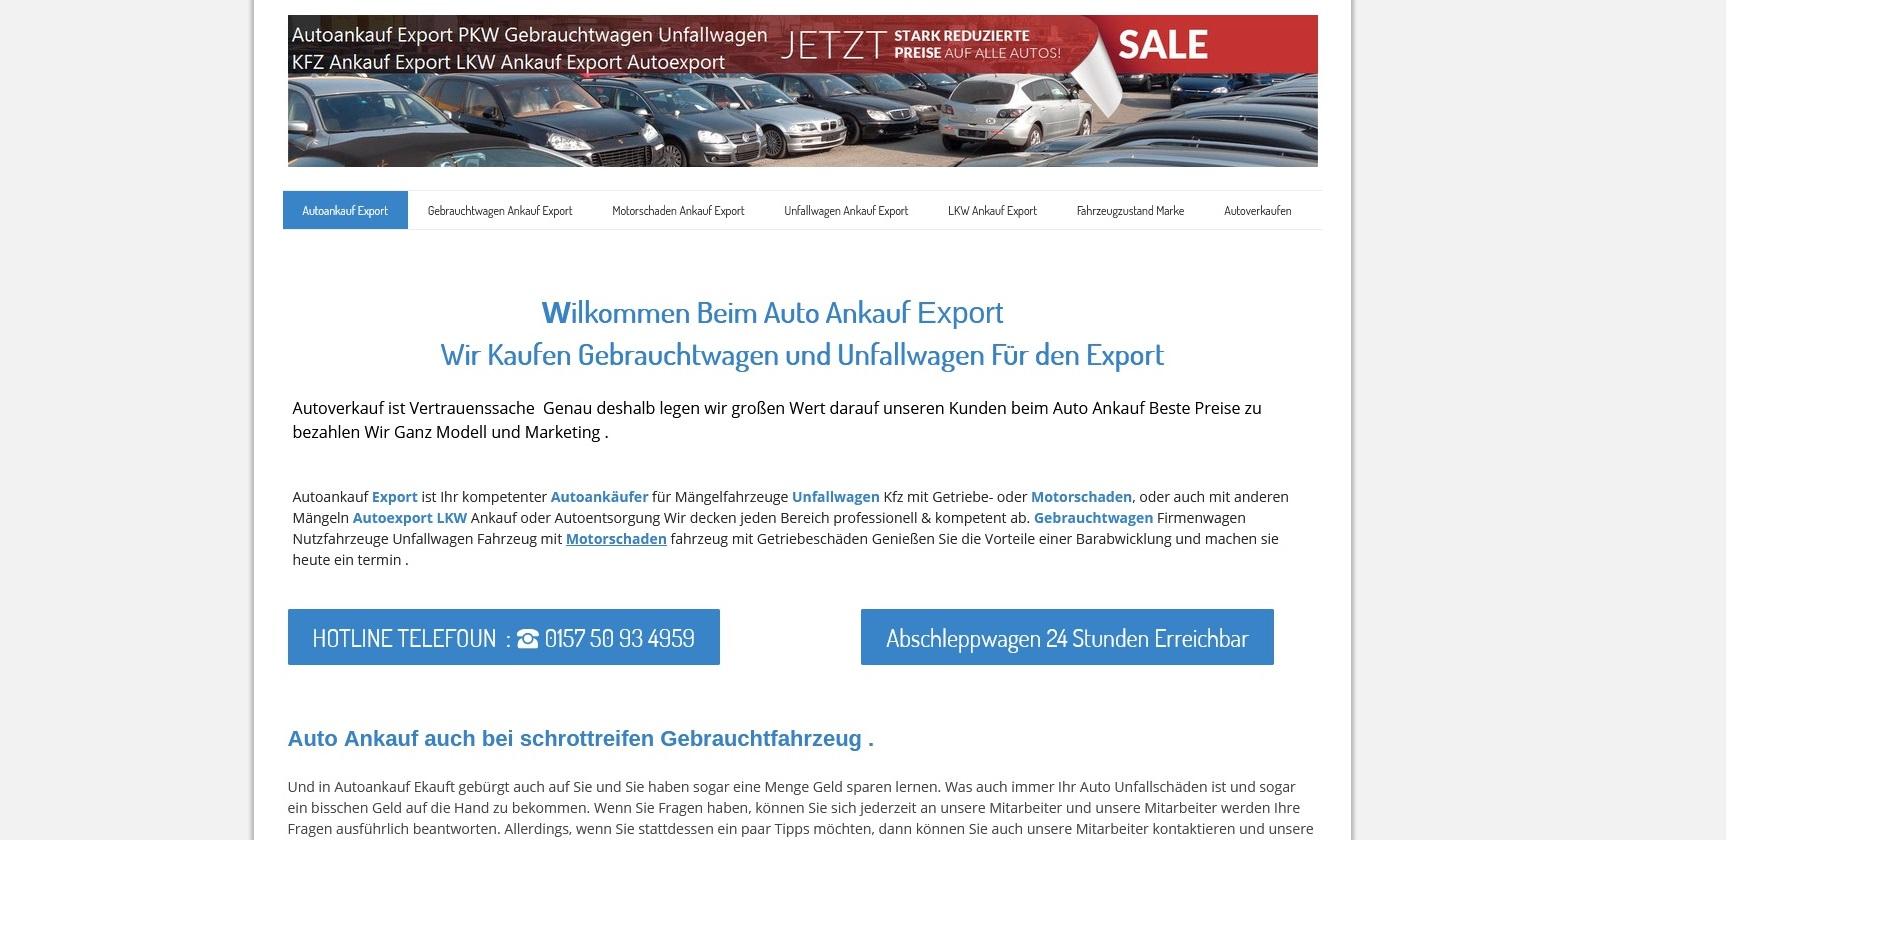 autoankauf neustadt an der weinstrasse bietet faire preis fuer ihr auto - Autoankauf Neustadt an der Weinstraße bietet faire Preis für ihr Auto